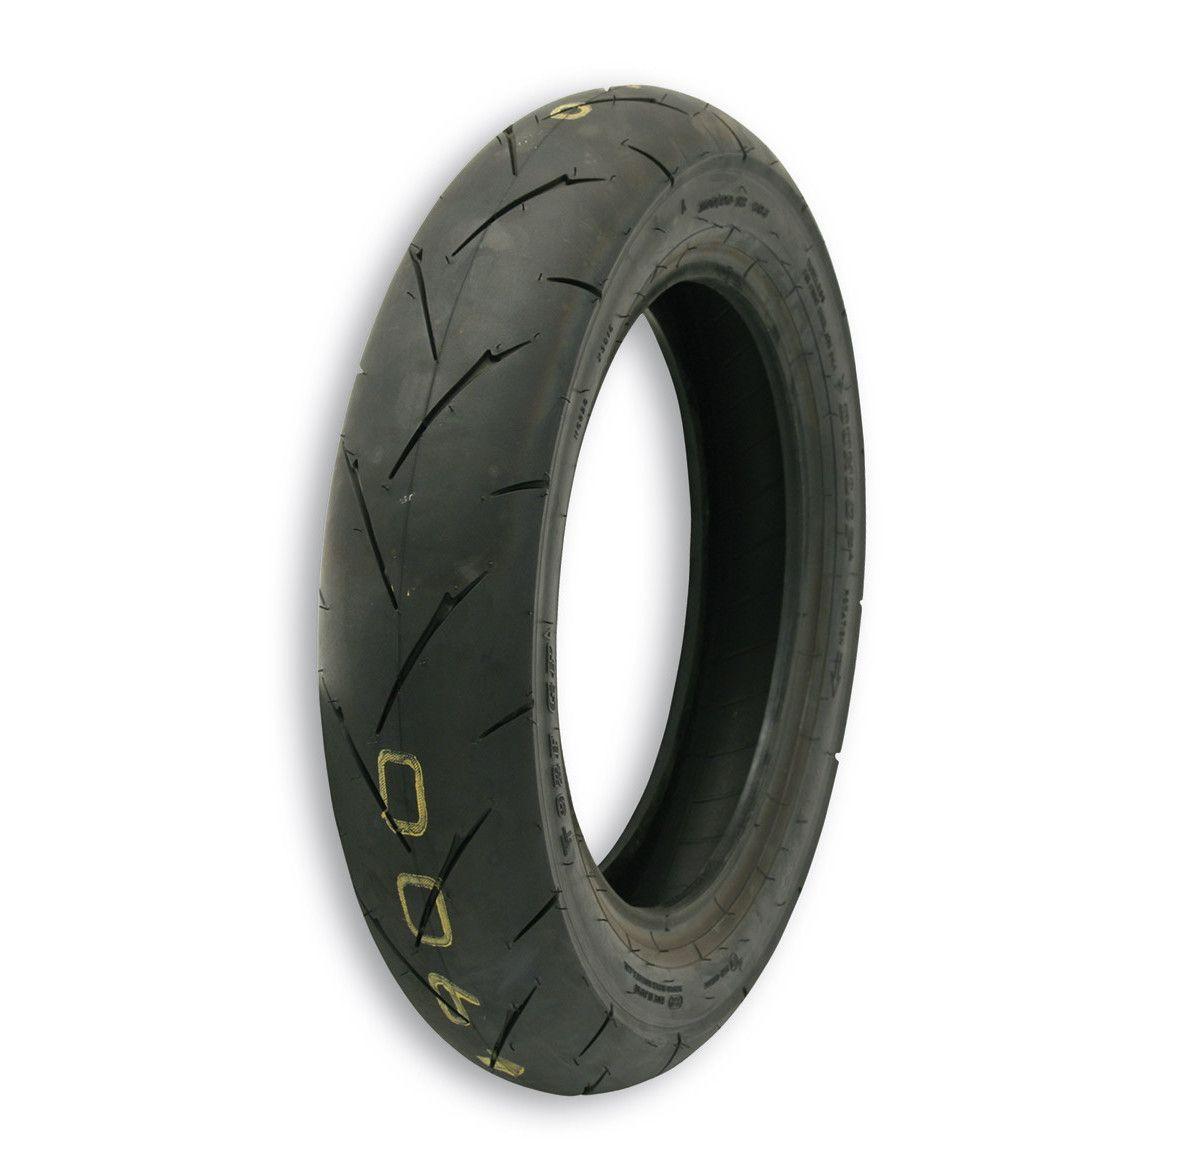 Pneu Dunlop TT 92 GP 100/90-12